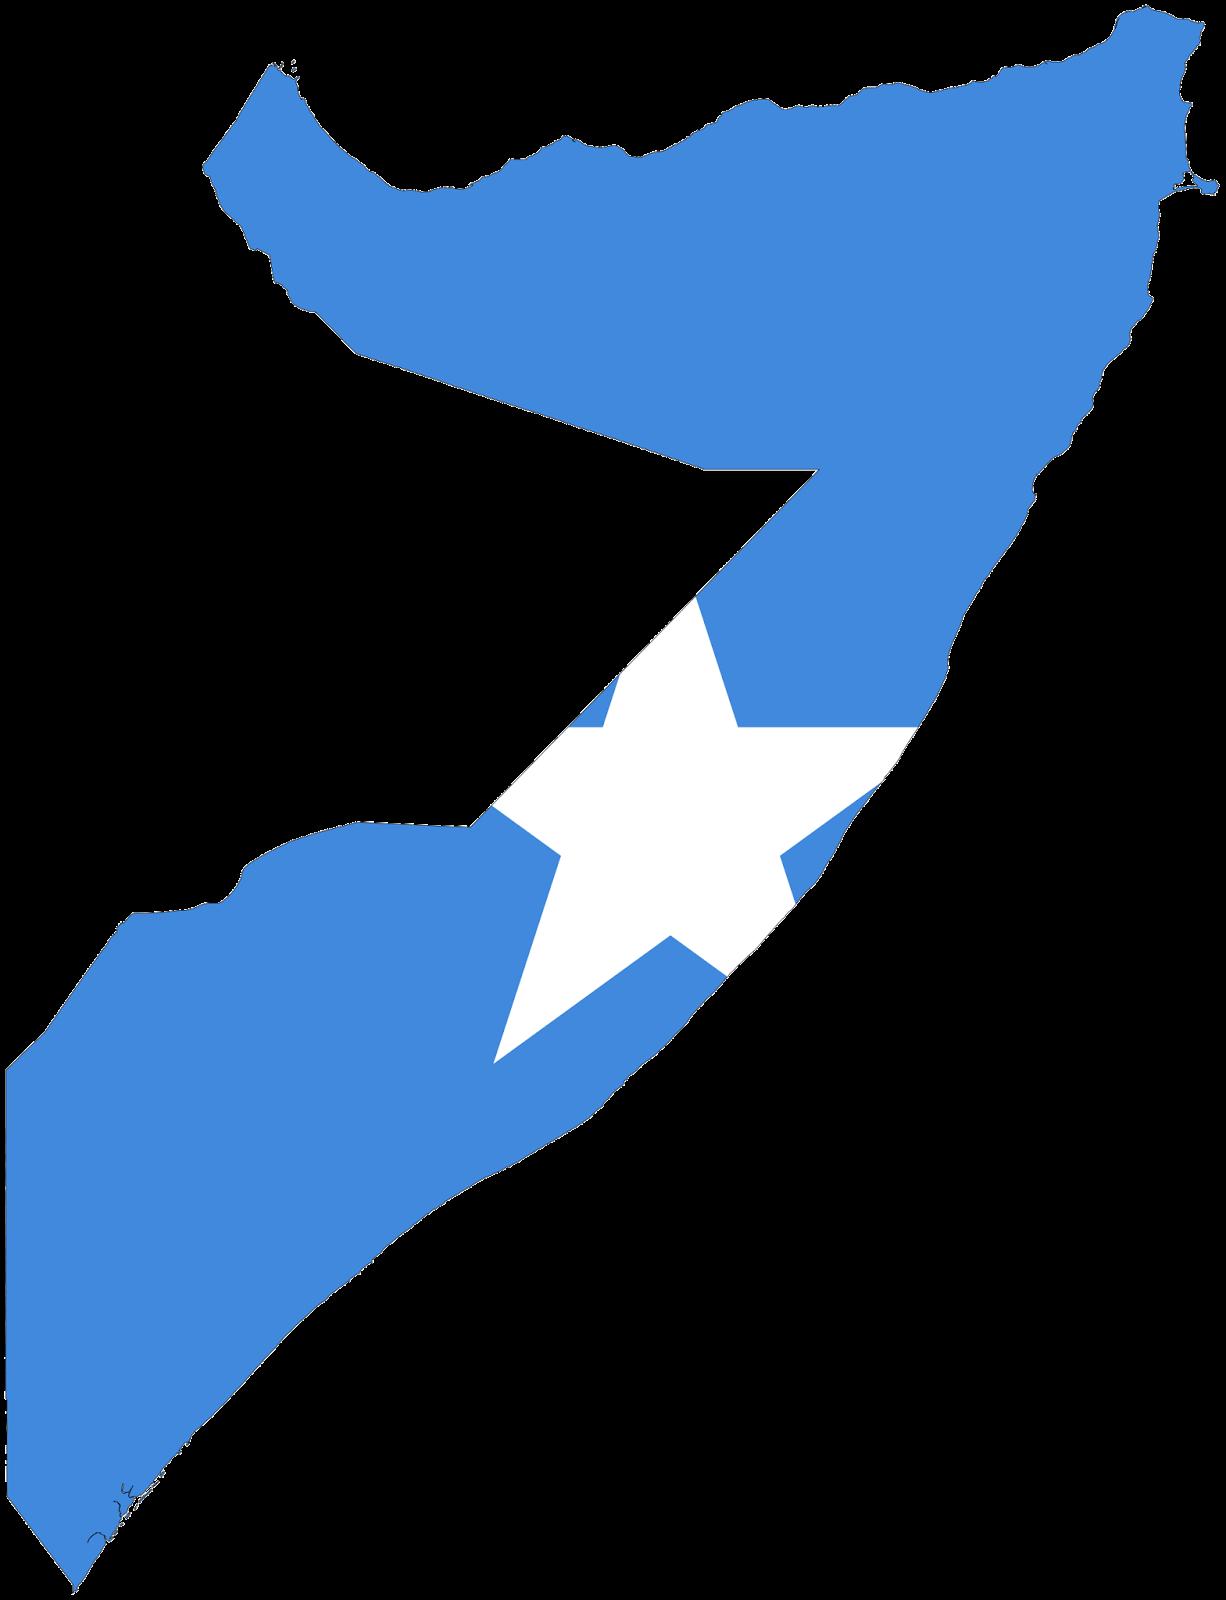 صور علم الصومال 222